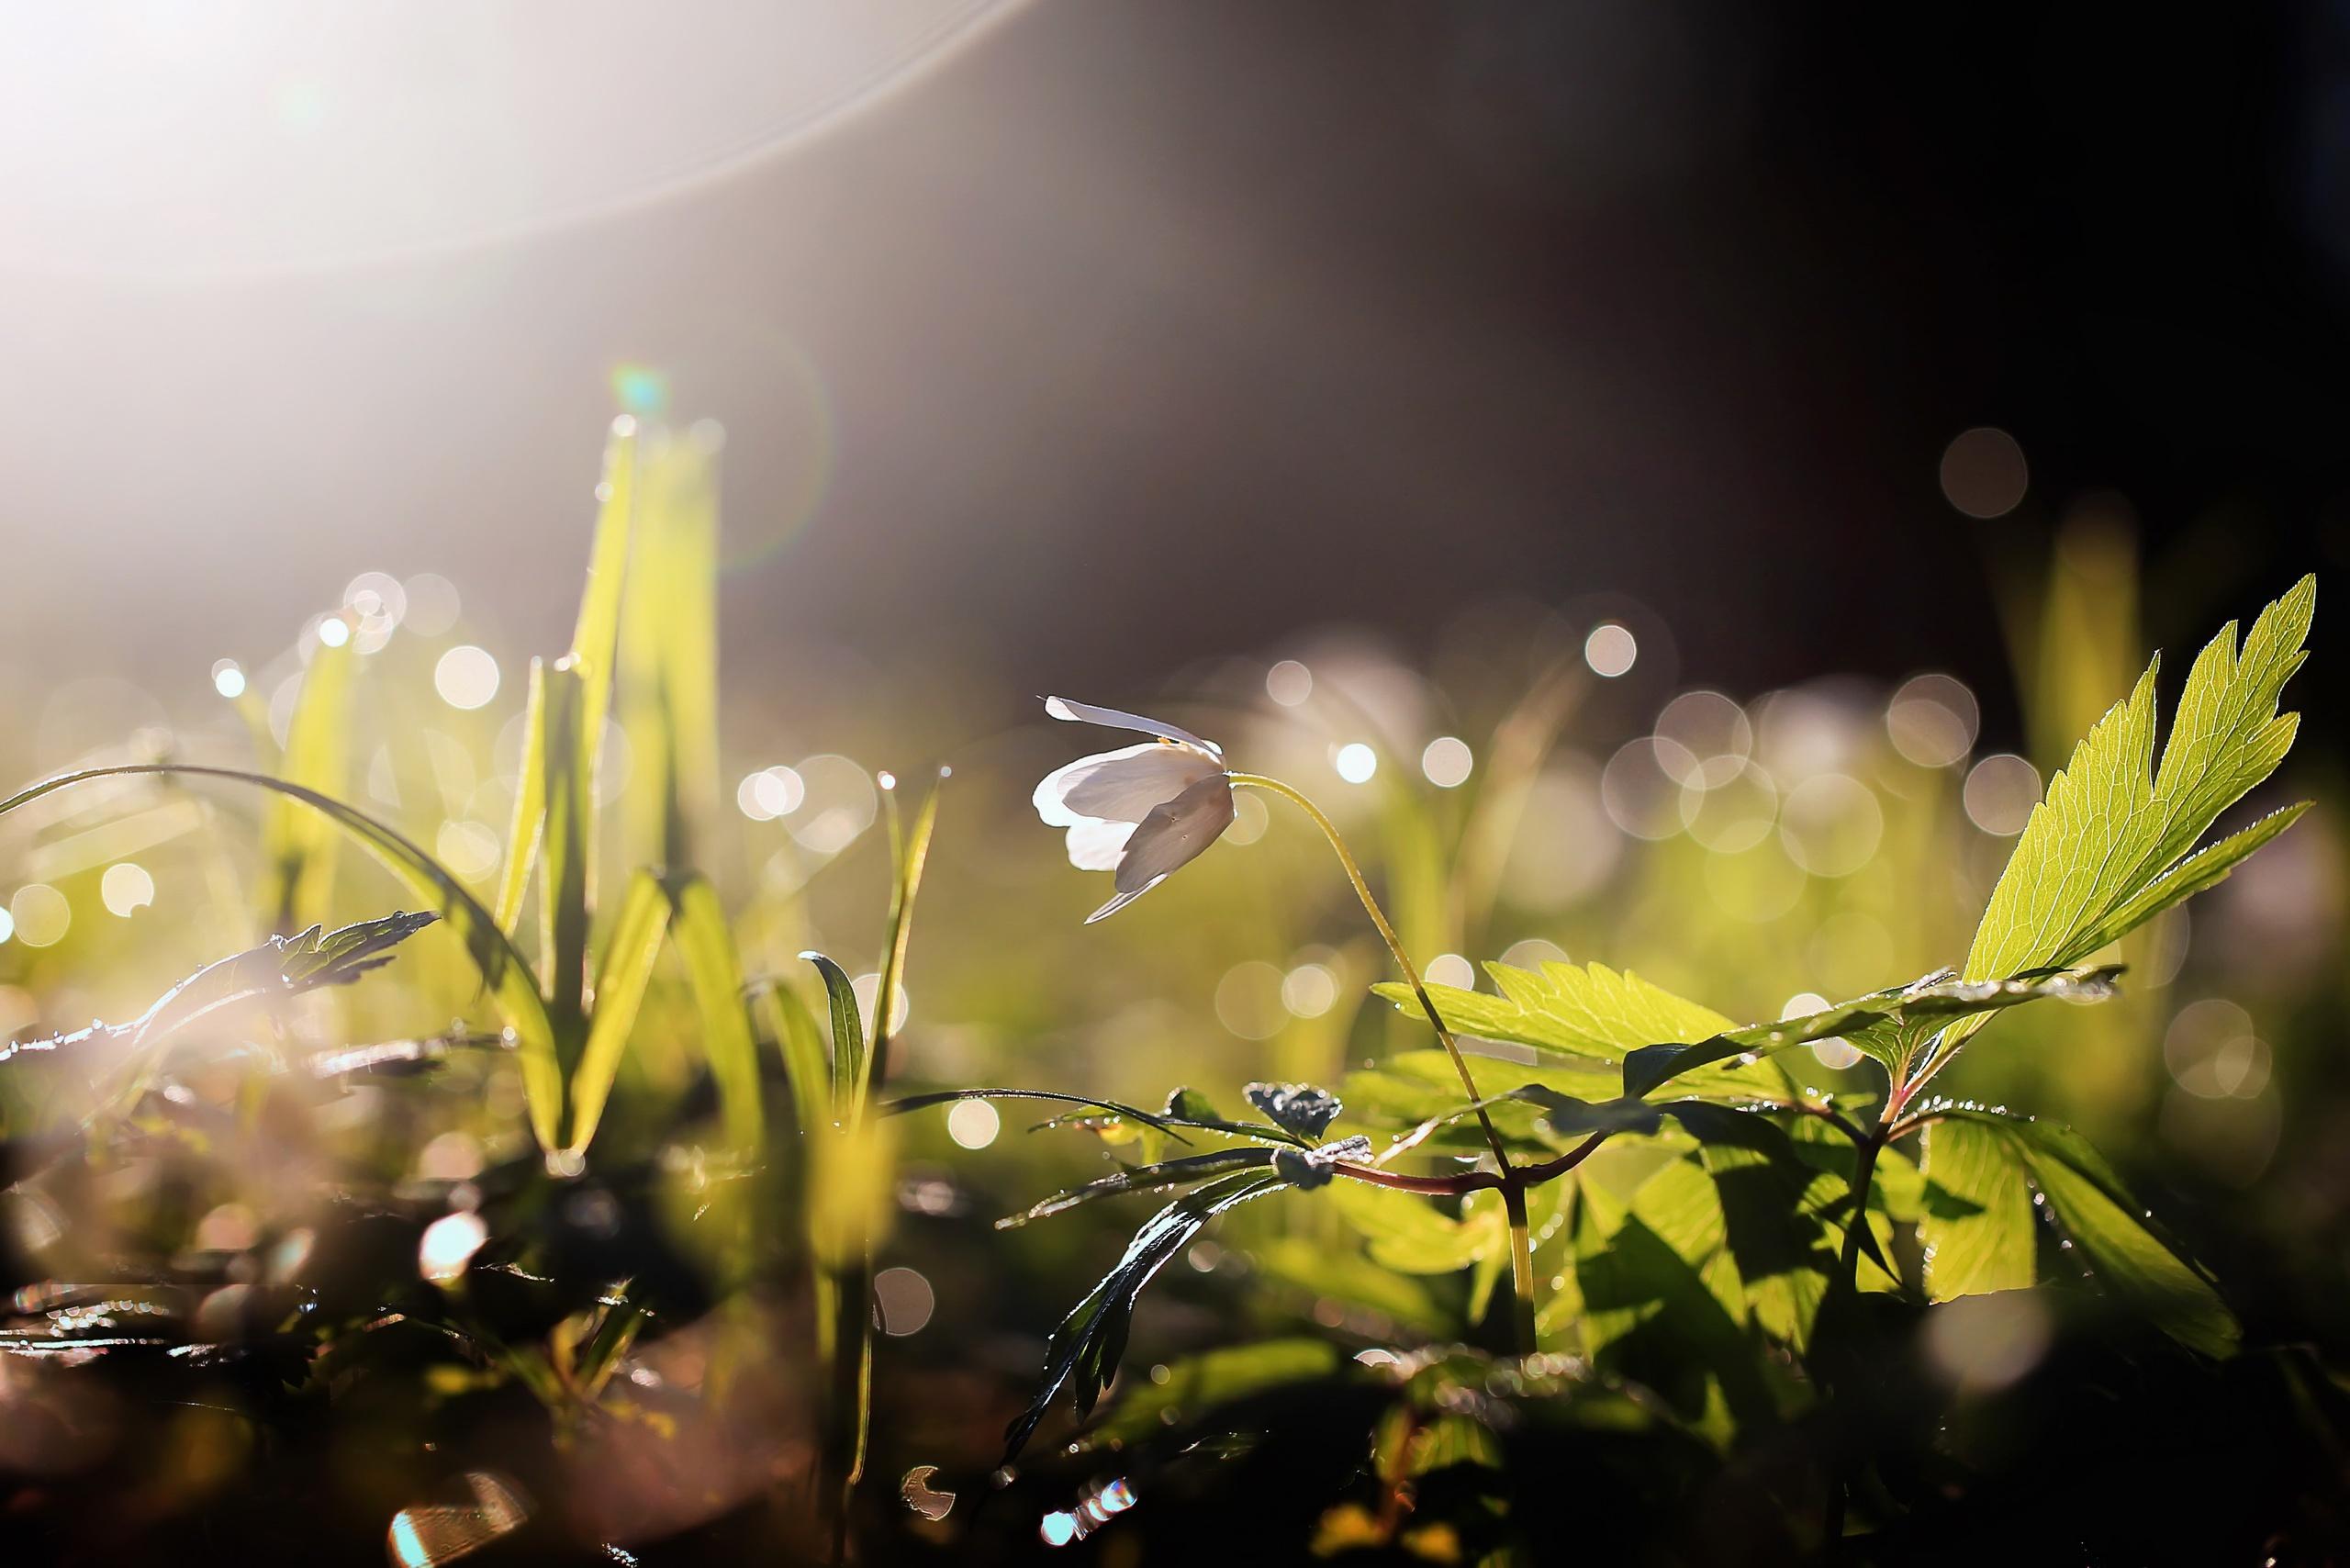 картинки солнечные весна макро несущей стене